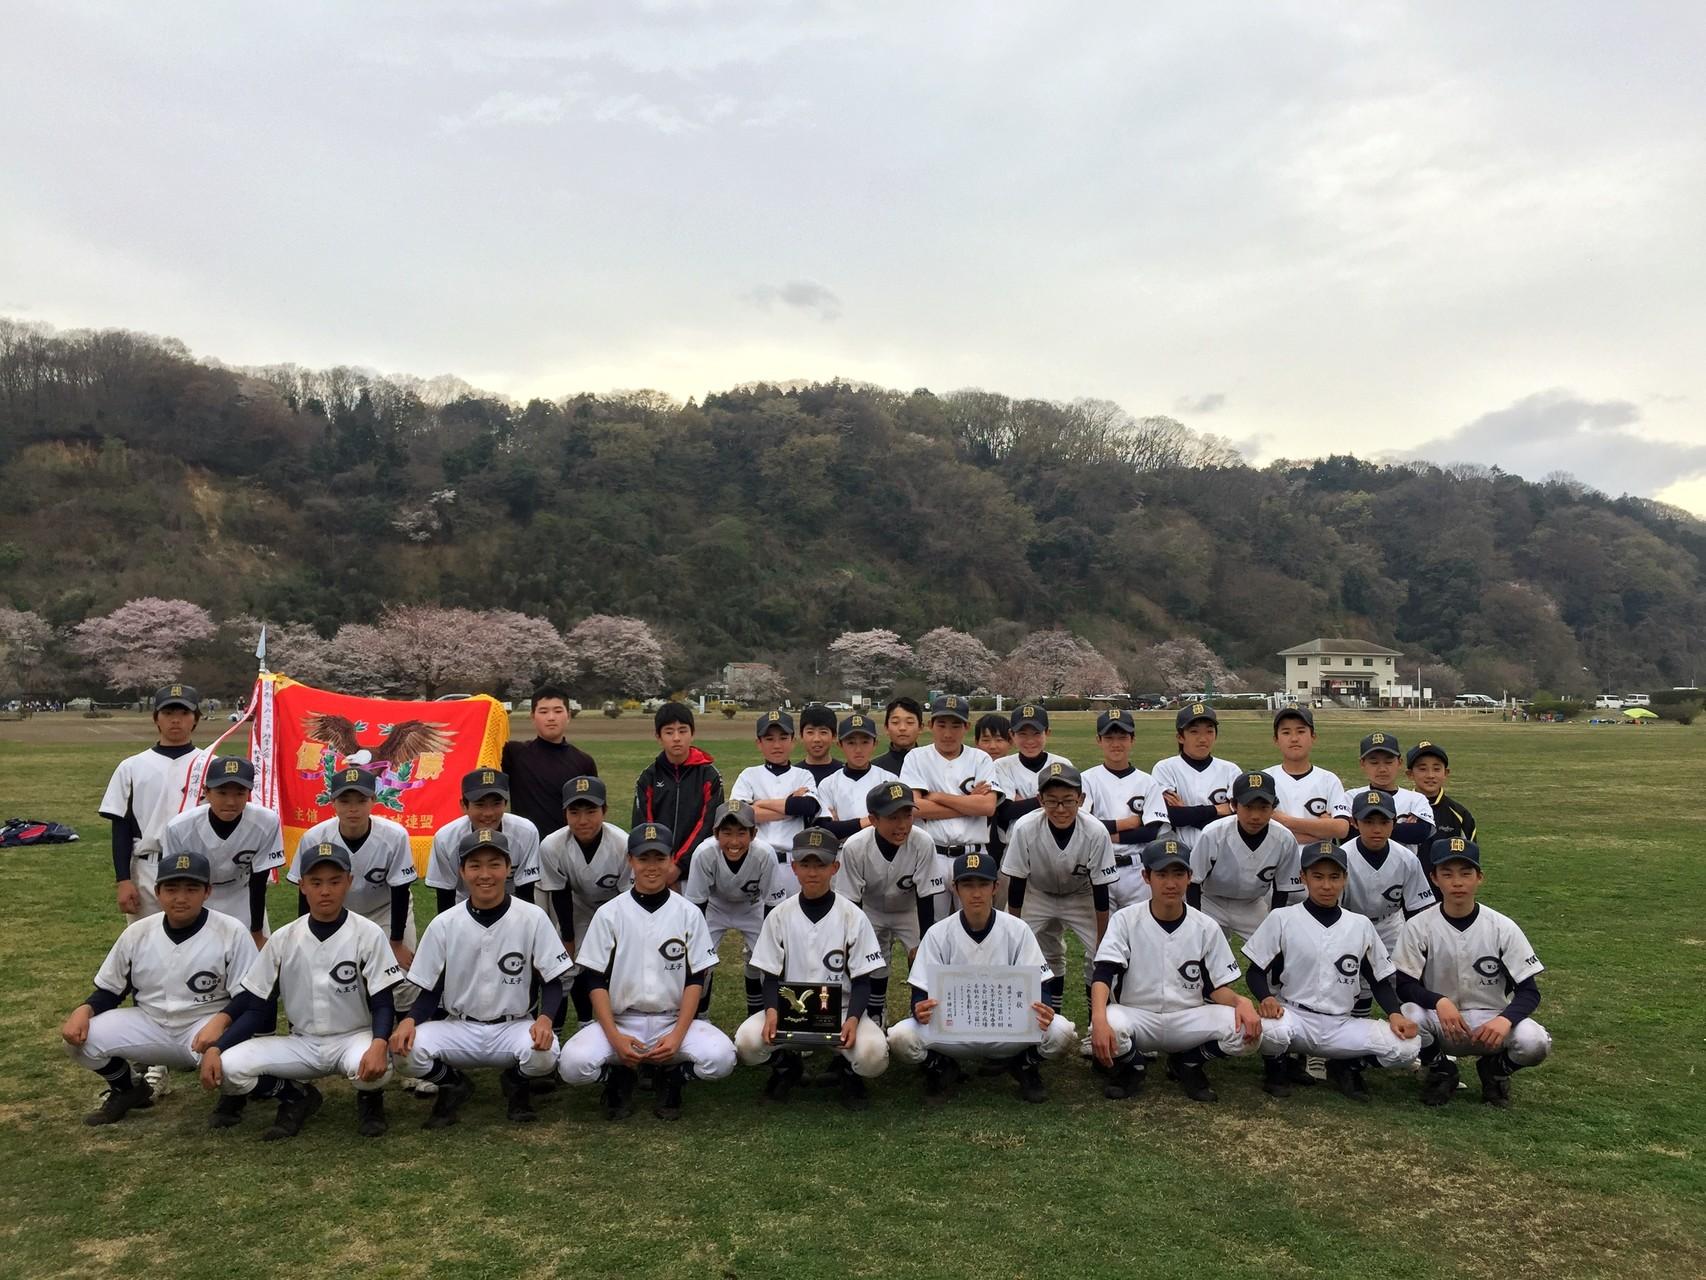 春季大会(中学)優勝 WJHBC  A  H28.4.3(日) 滝ガ原グラウンド